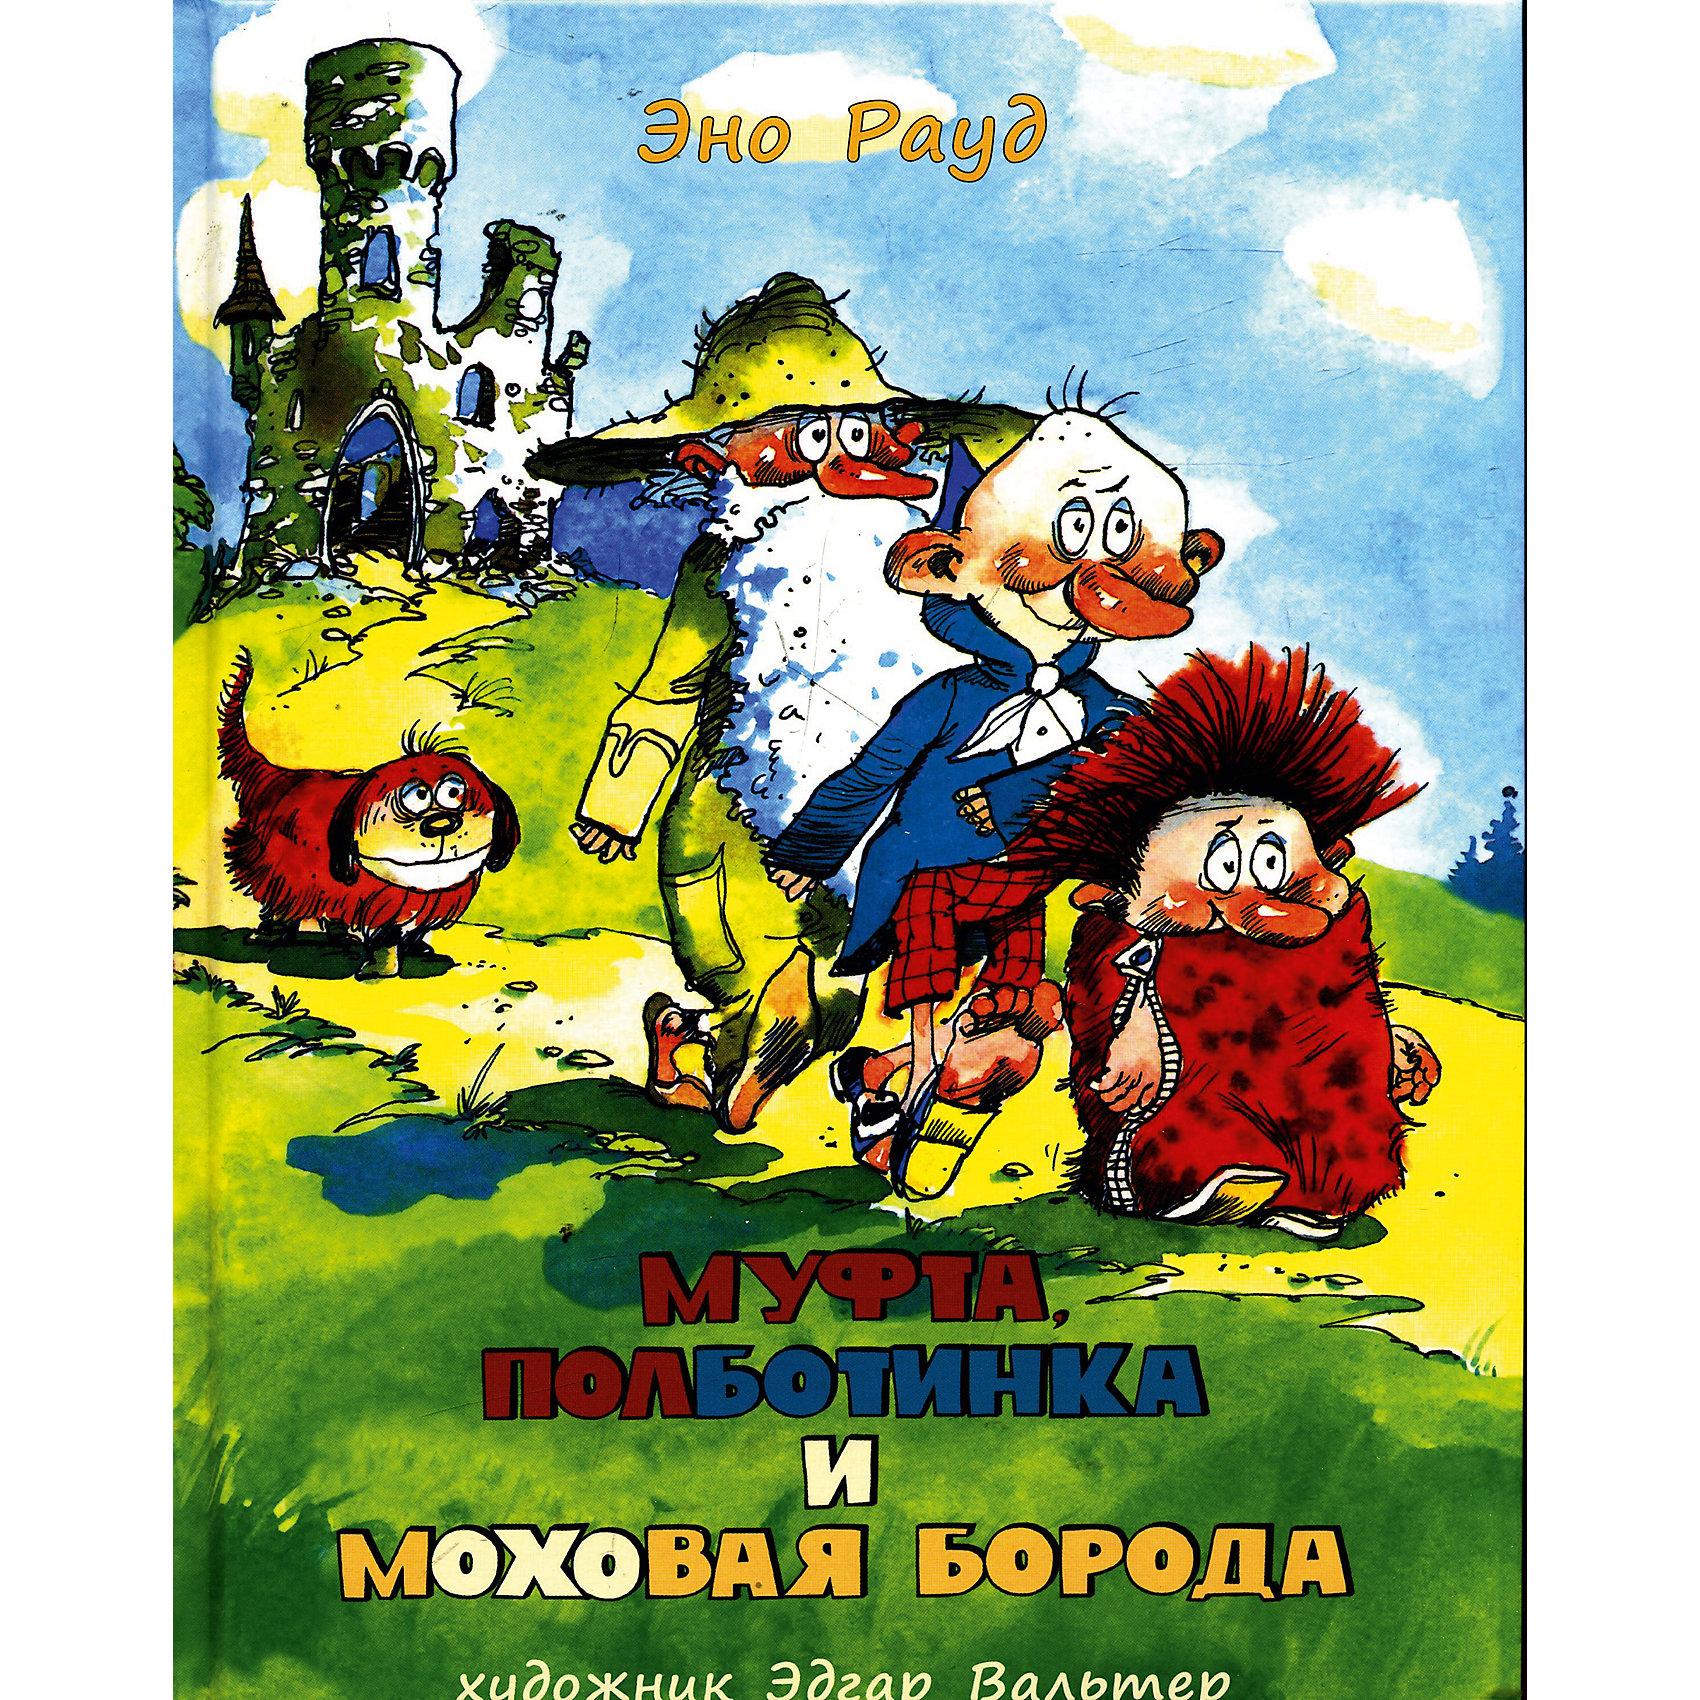 Нигма Муфта, Полботинка и Моховая Борода. Книги 1, 2, Э. Рауд